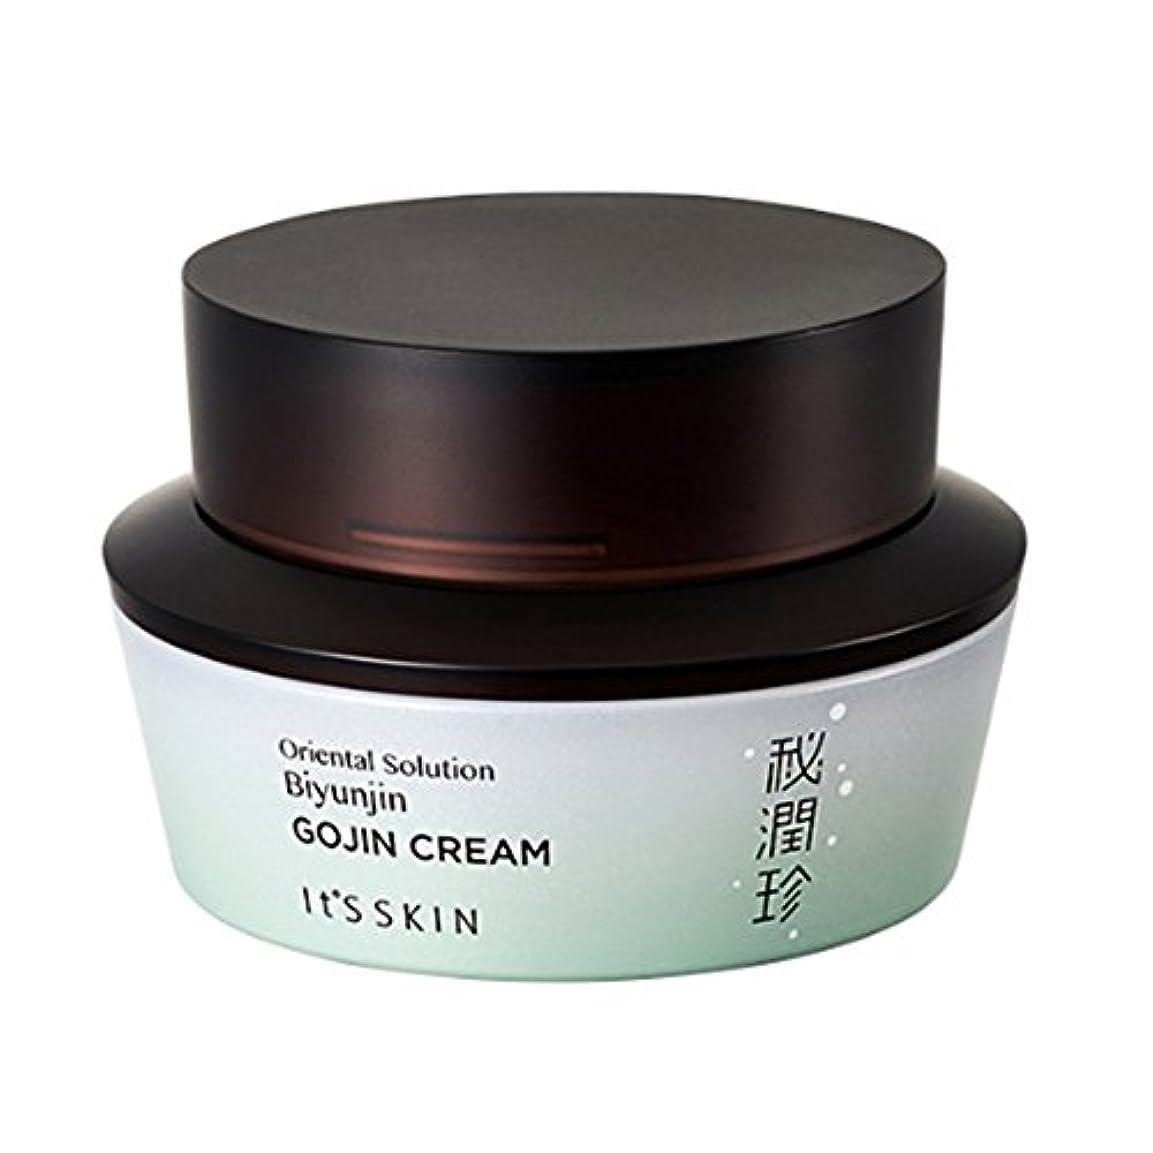 知事形式アクチュエータ【イッツスキン】 IT'S SKIN Bi Yun Jin Gojin Cream 【韓国直送品】 OOPSPANDA